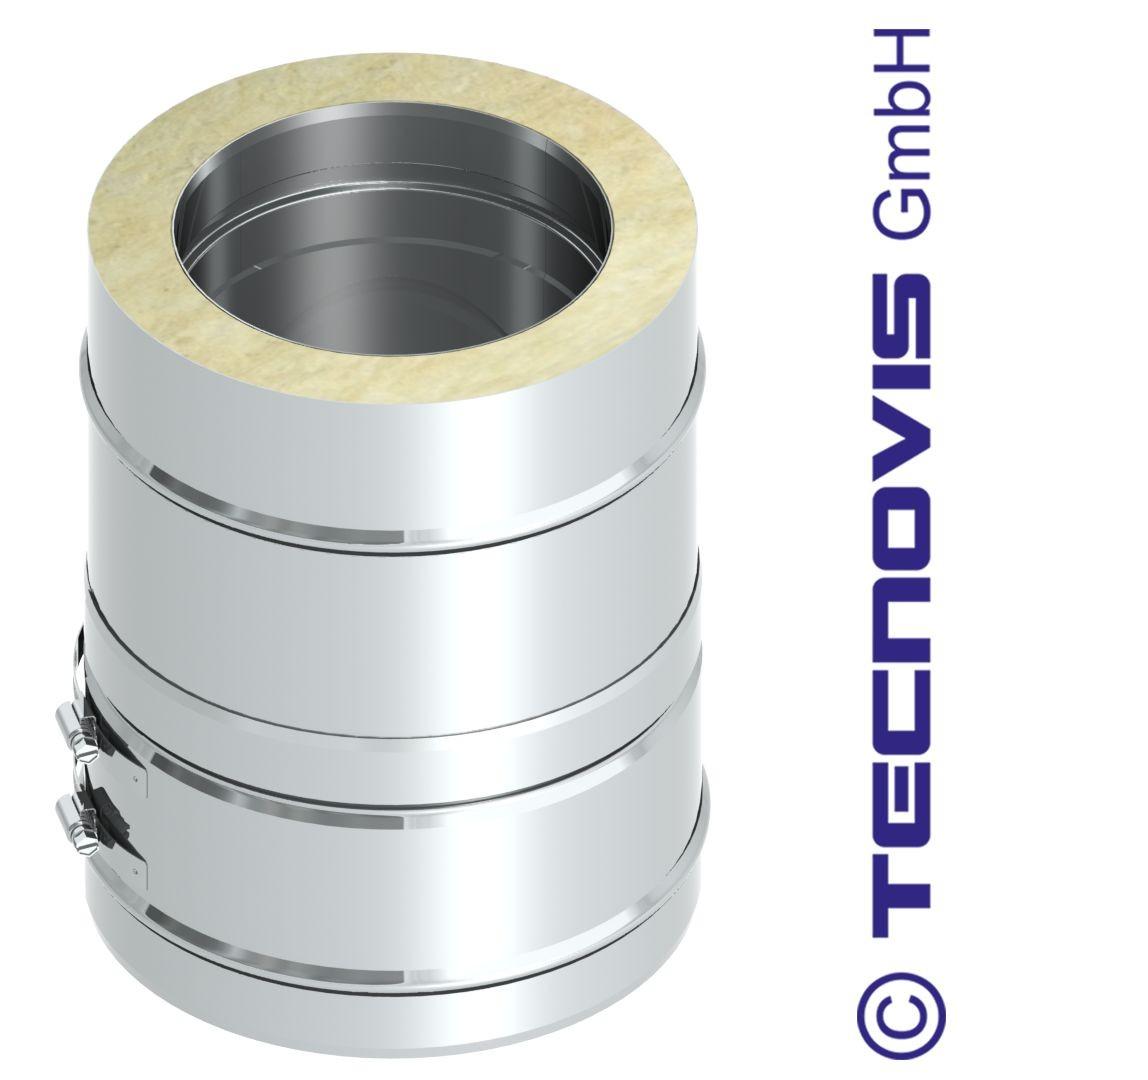 Isolerad längd 25 cm med låsband, h=19 cm